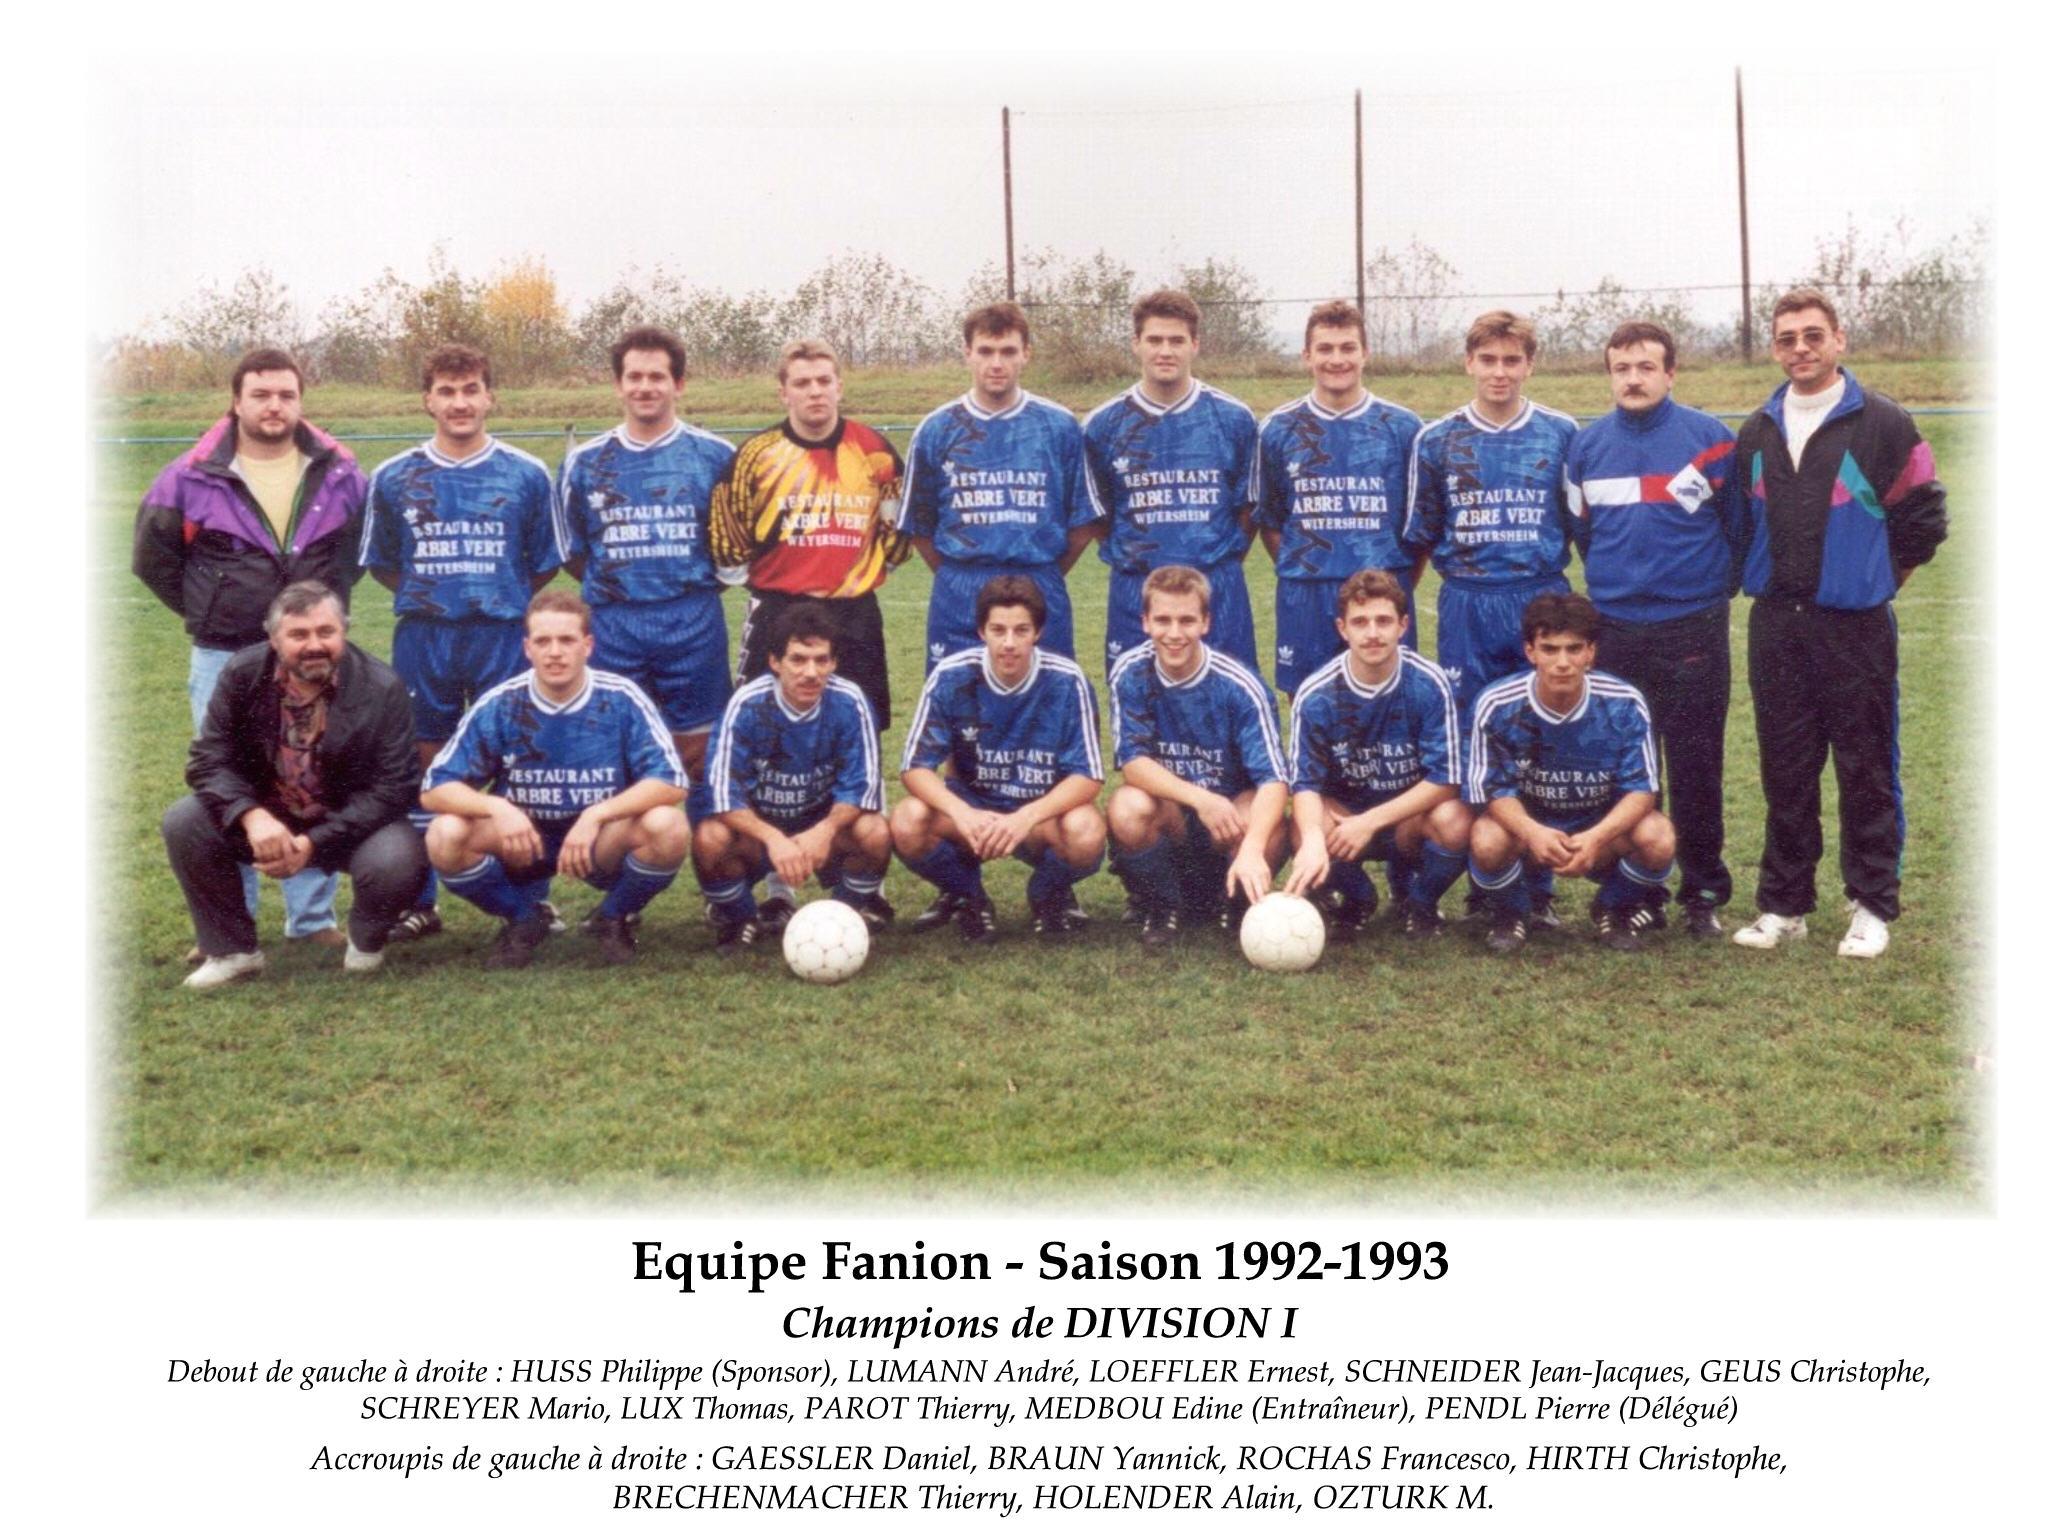 Annees 1992-93